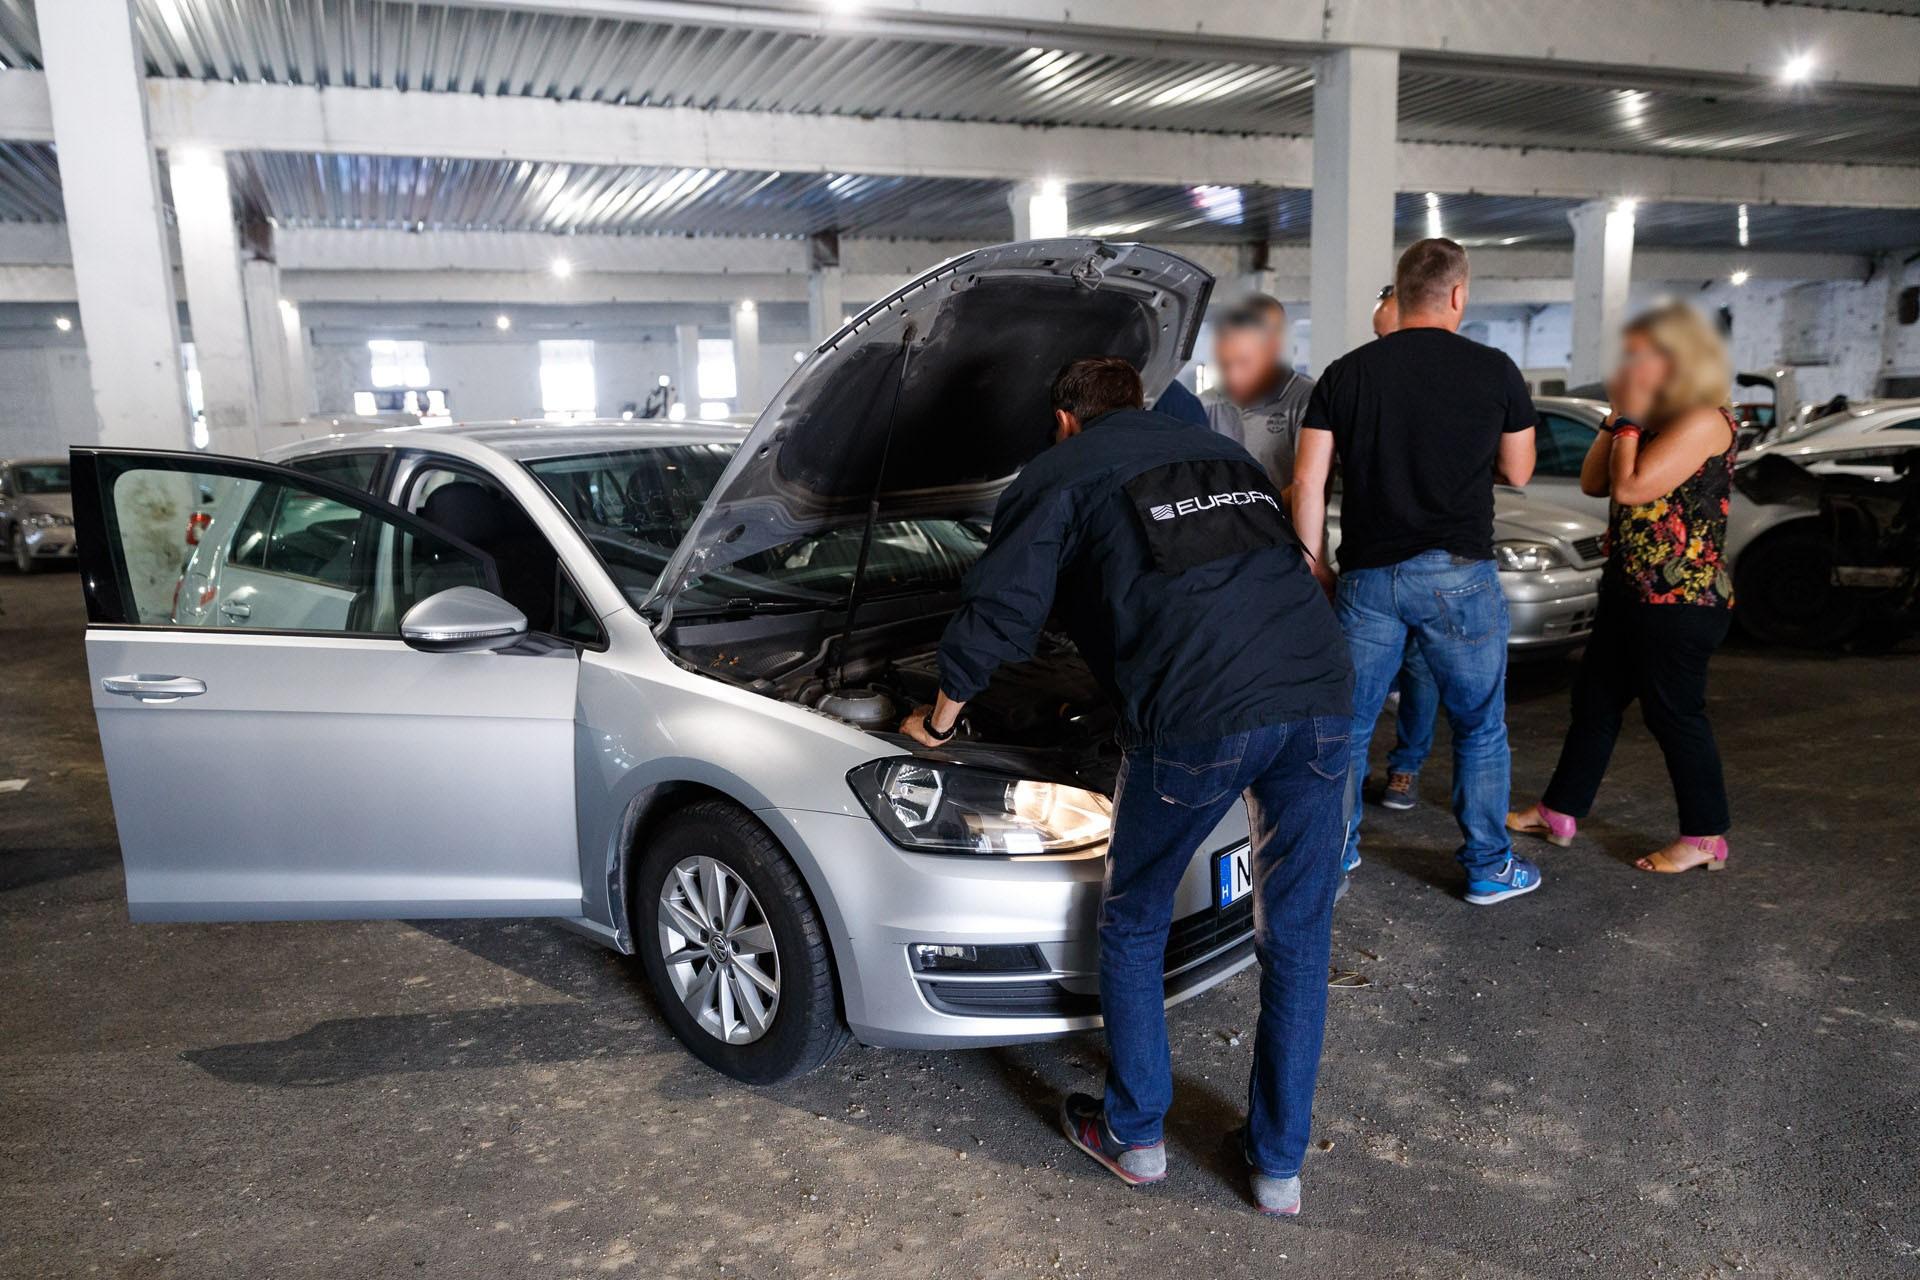 Spanyolországban csalással megszerzett járműveket foglaltak le Tolna megyében